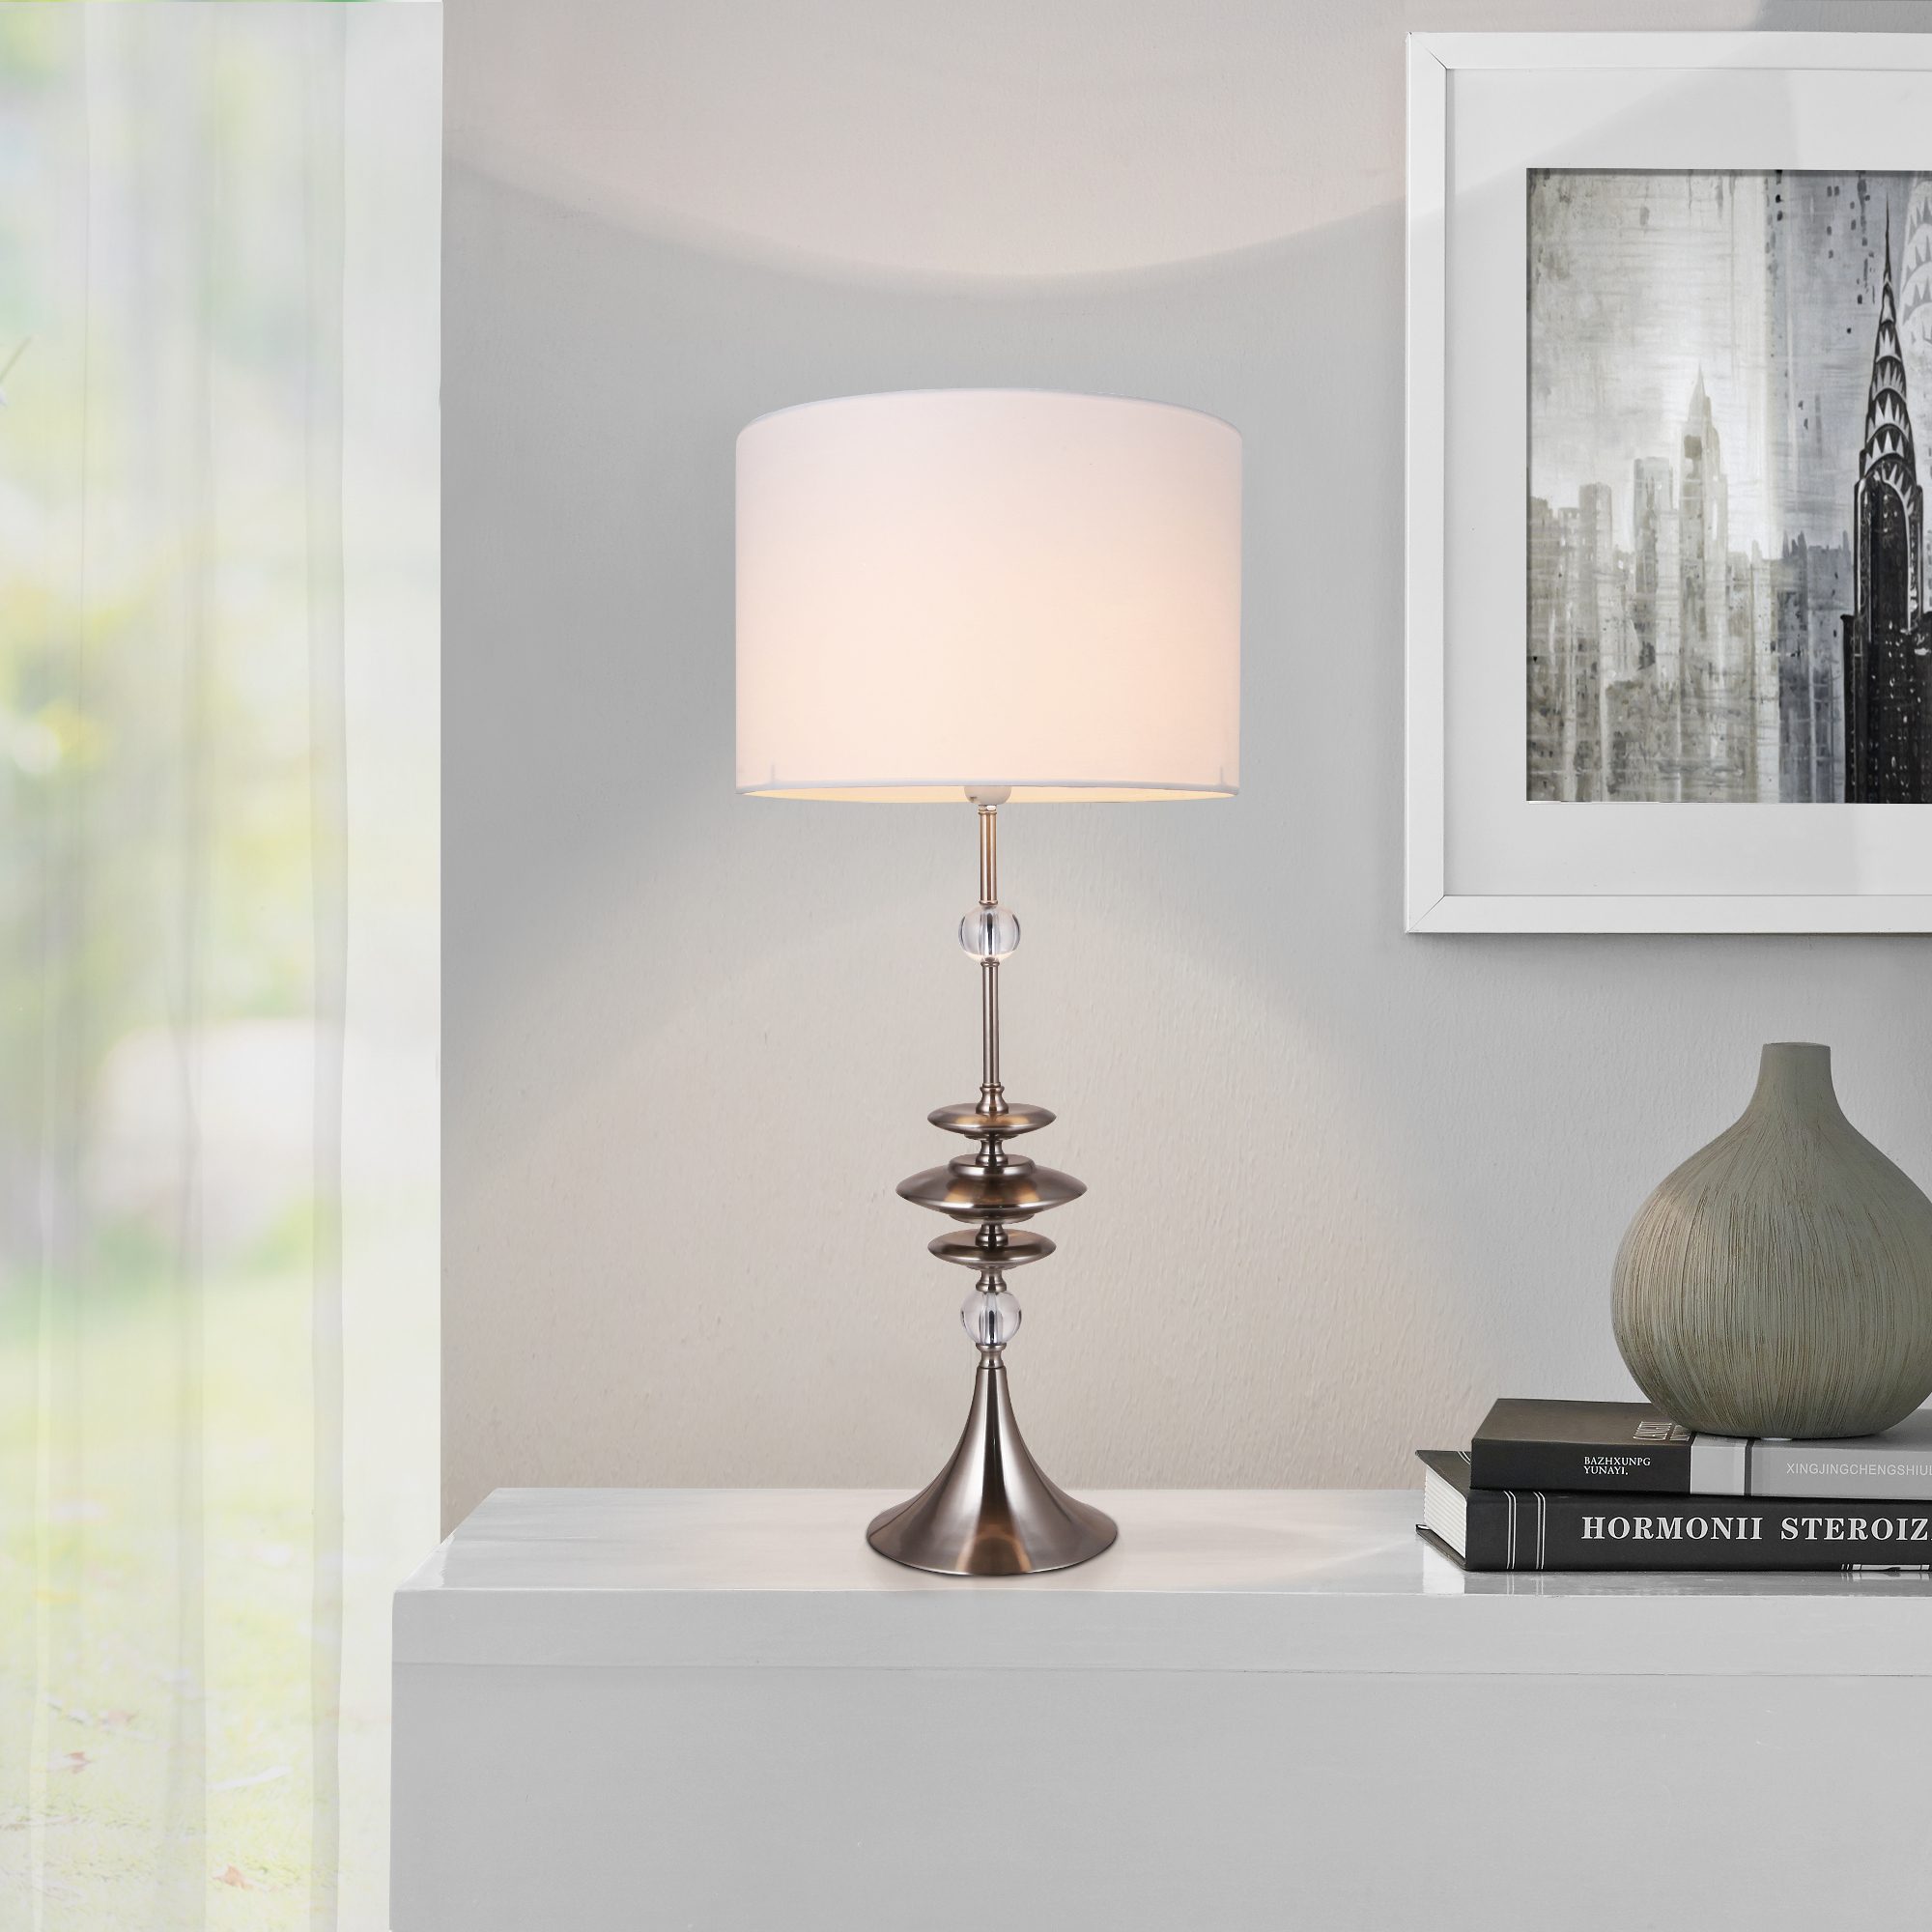 Full Size of Tischlampe Wohnzimmer Gardine Lampe Teppich Wandtattoo Rollo Lampen Moderne Bilder Fürs Decke Dekoration Deckenlampe Deckenleuchten Landhausstil Deckenlampen Wohnzimmer Tischlampe Wohnzimmer